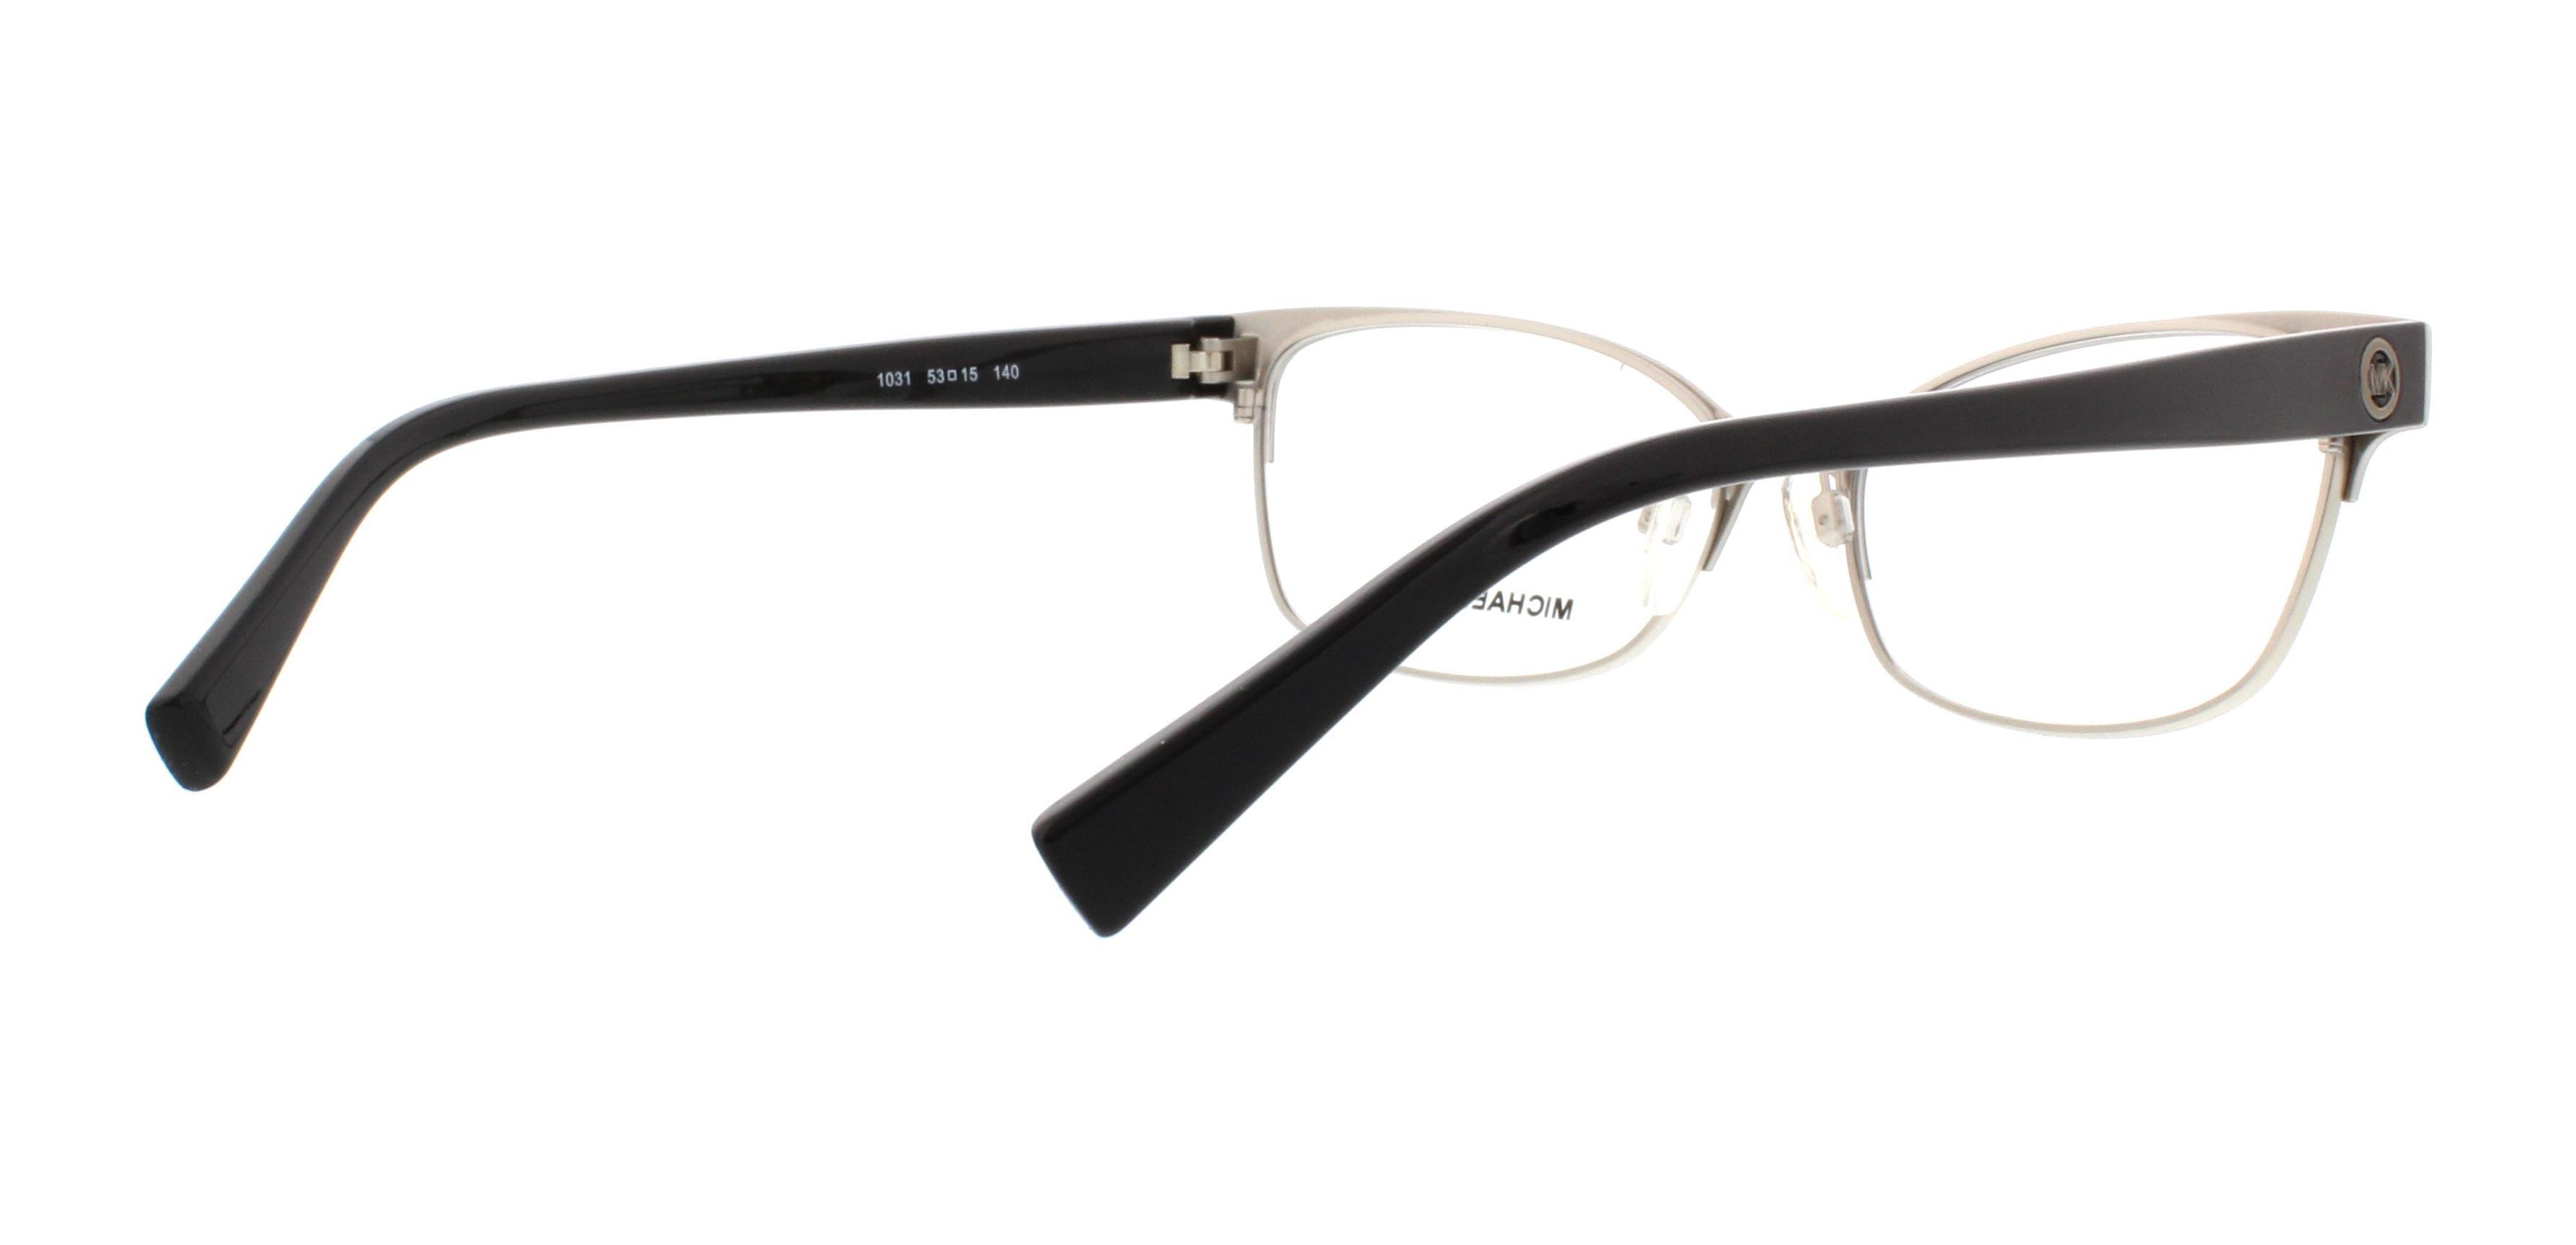 b02ac73d4d6d MICHAEL KORS Eyeglasses MK7004 PALOS VERDES 1030 Light Gun/Rose Gold 53MM -  Walmart.com